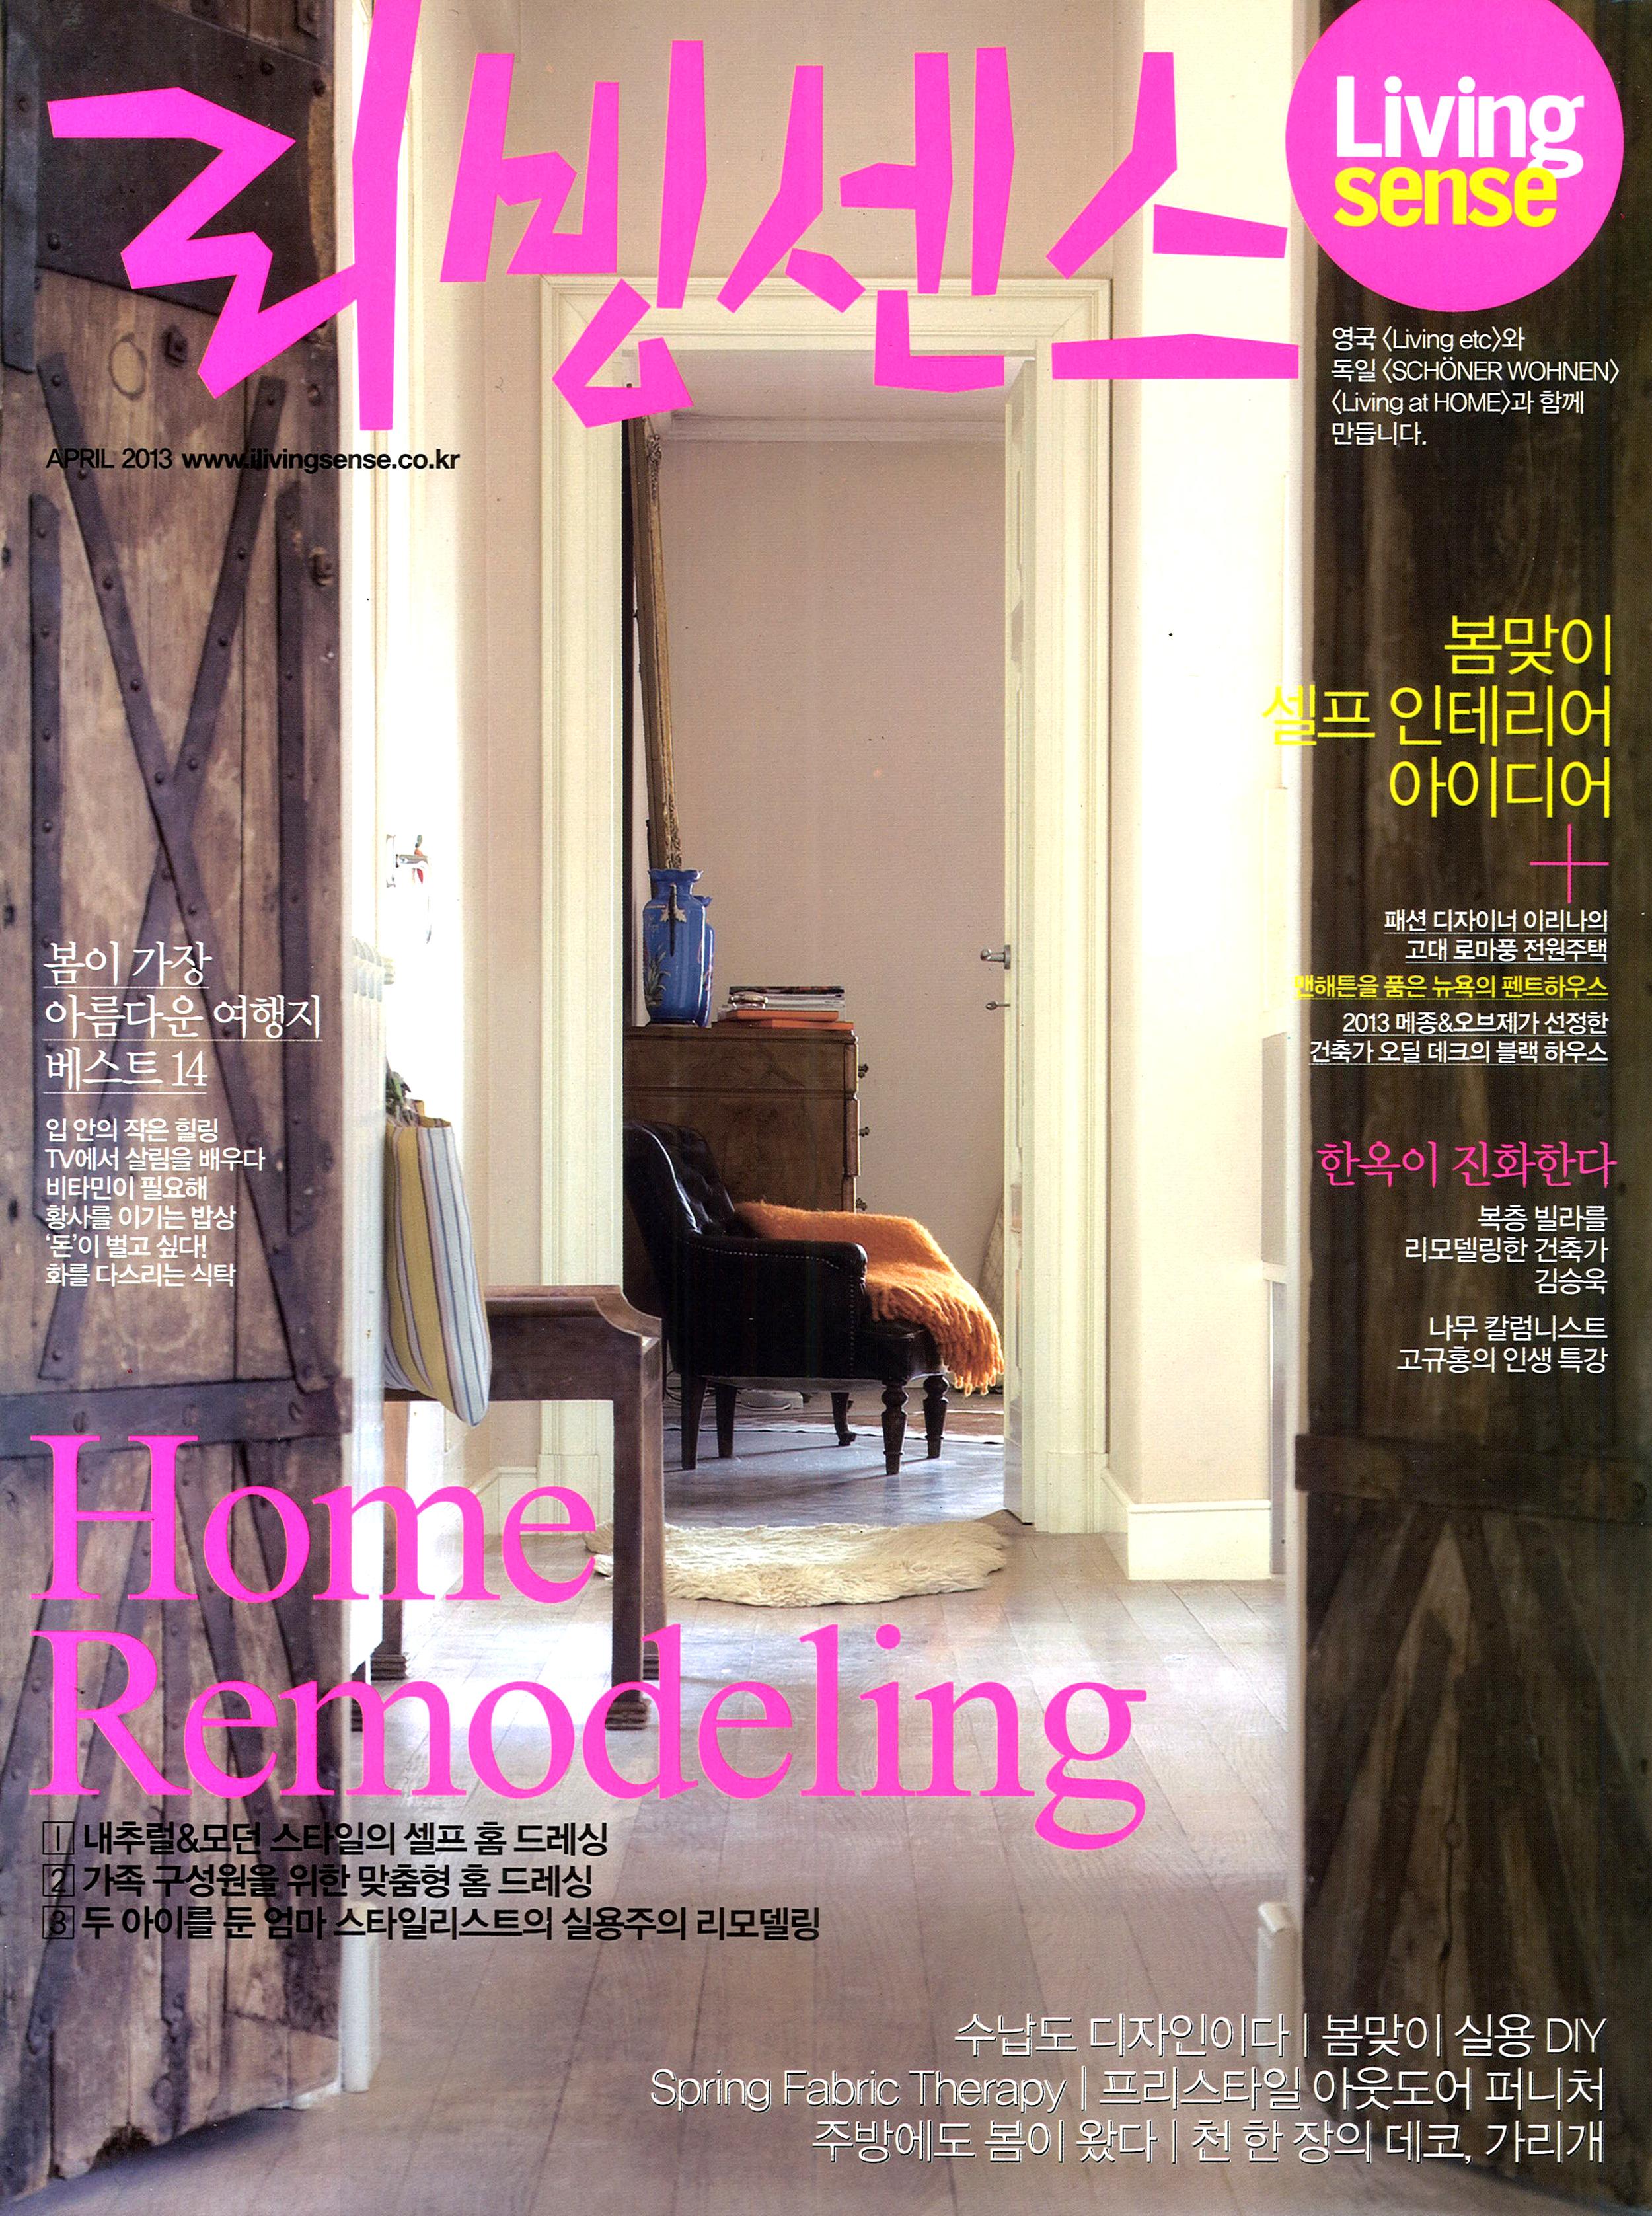 SkyHouse_LivingSense_Cover.jpg